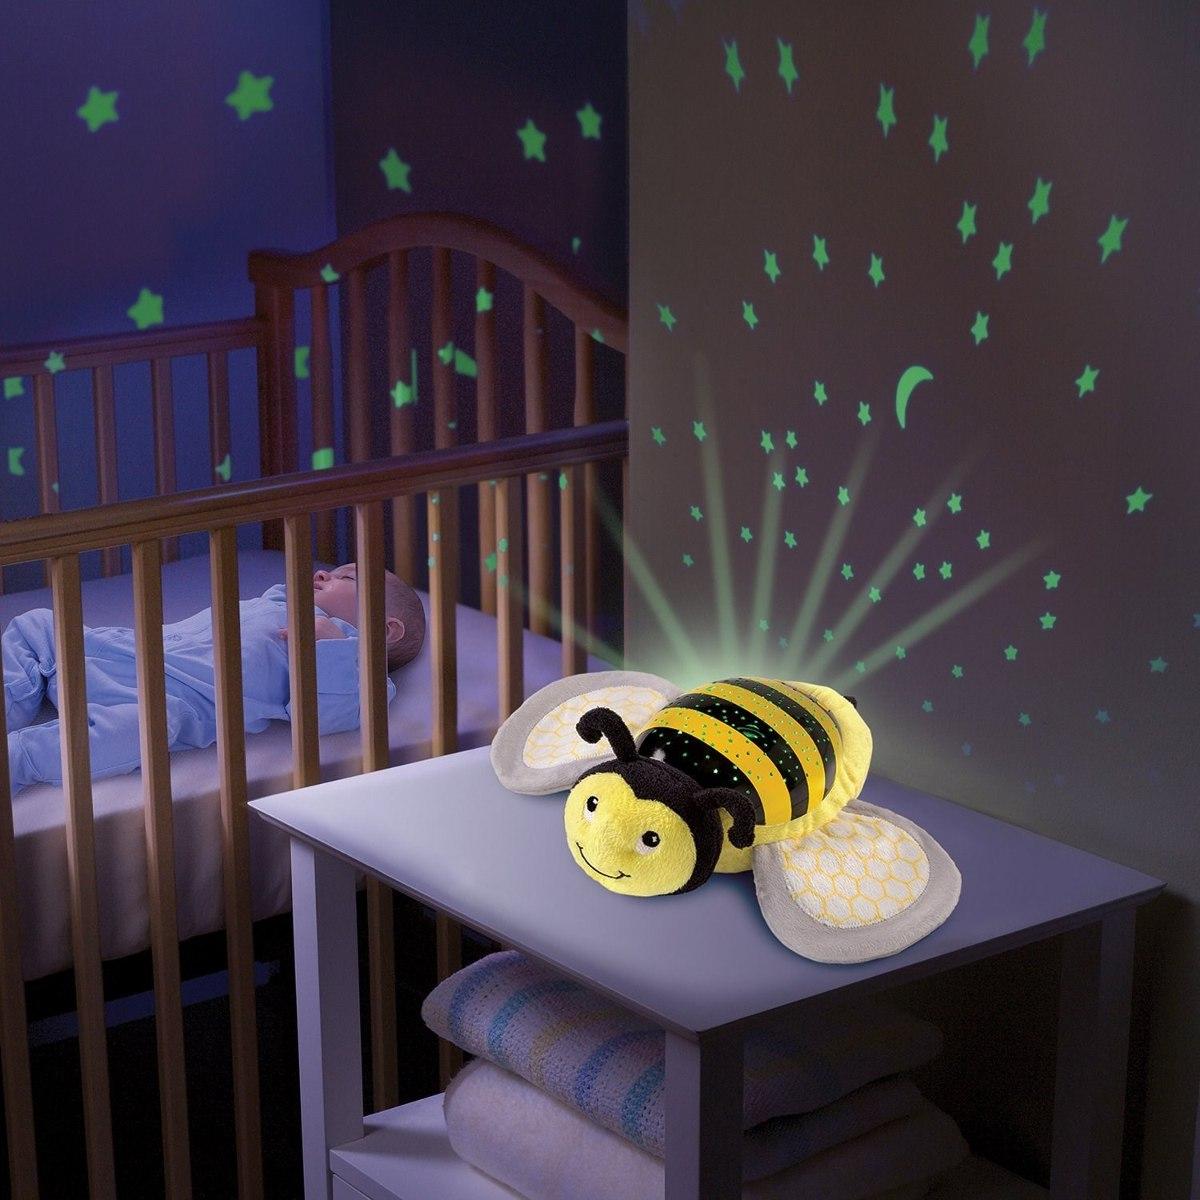 Lampara proyector para bebe con musica sumer infant abeja - Lampara de noche para bebes ...